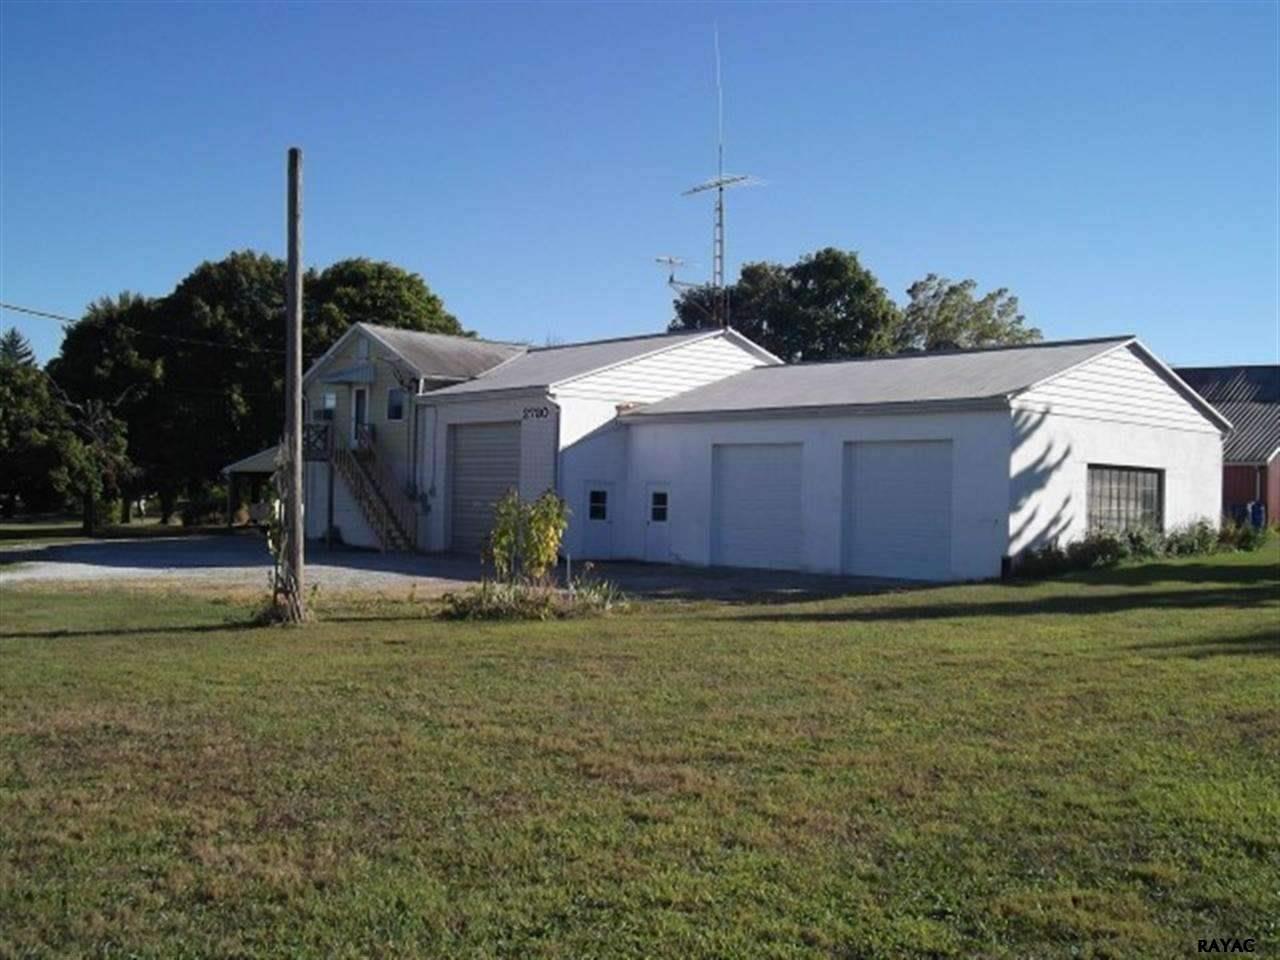 2730 Chambersburg Rd, Mcknightstown, PA 17343